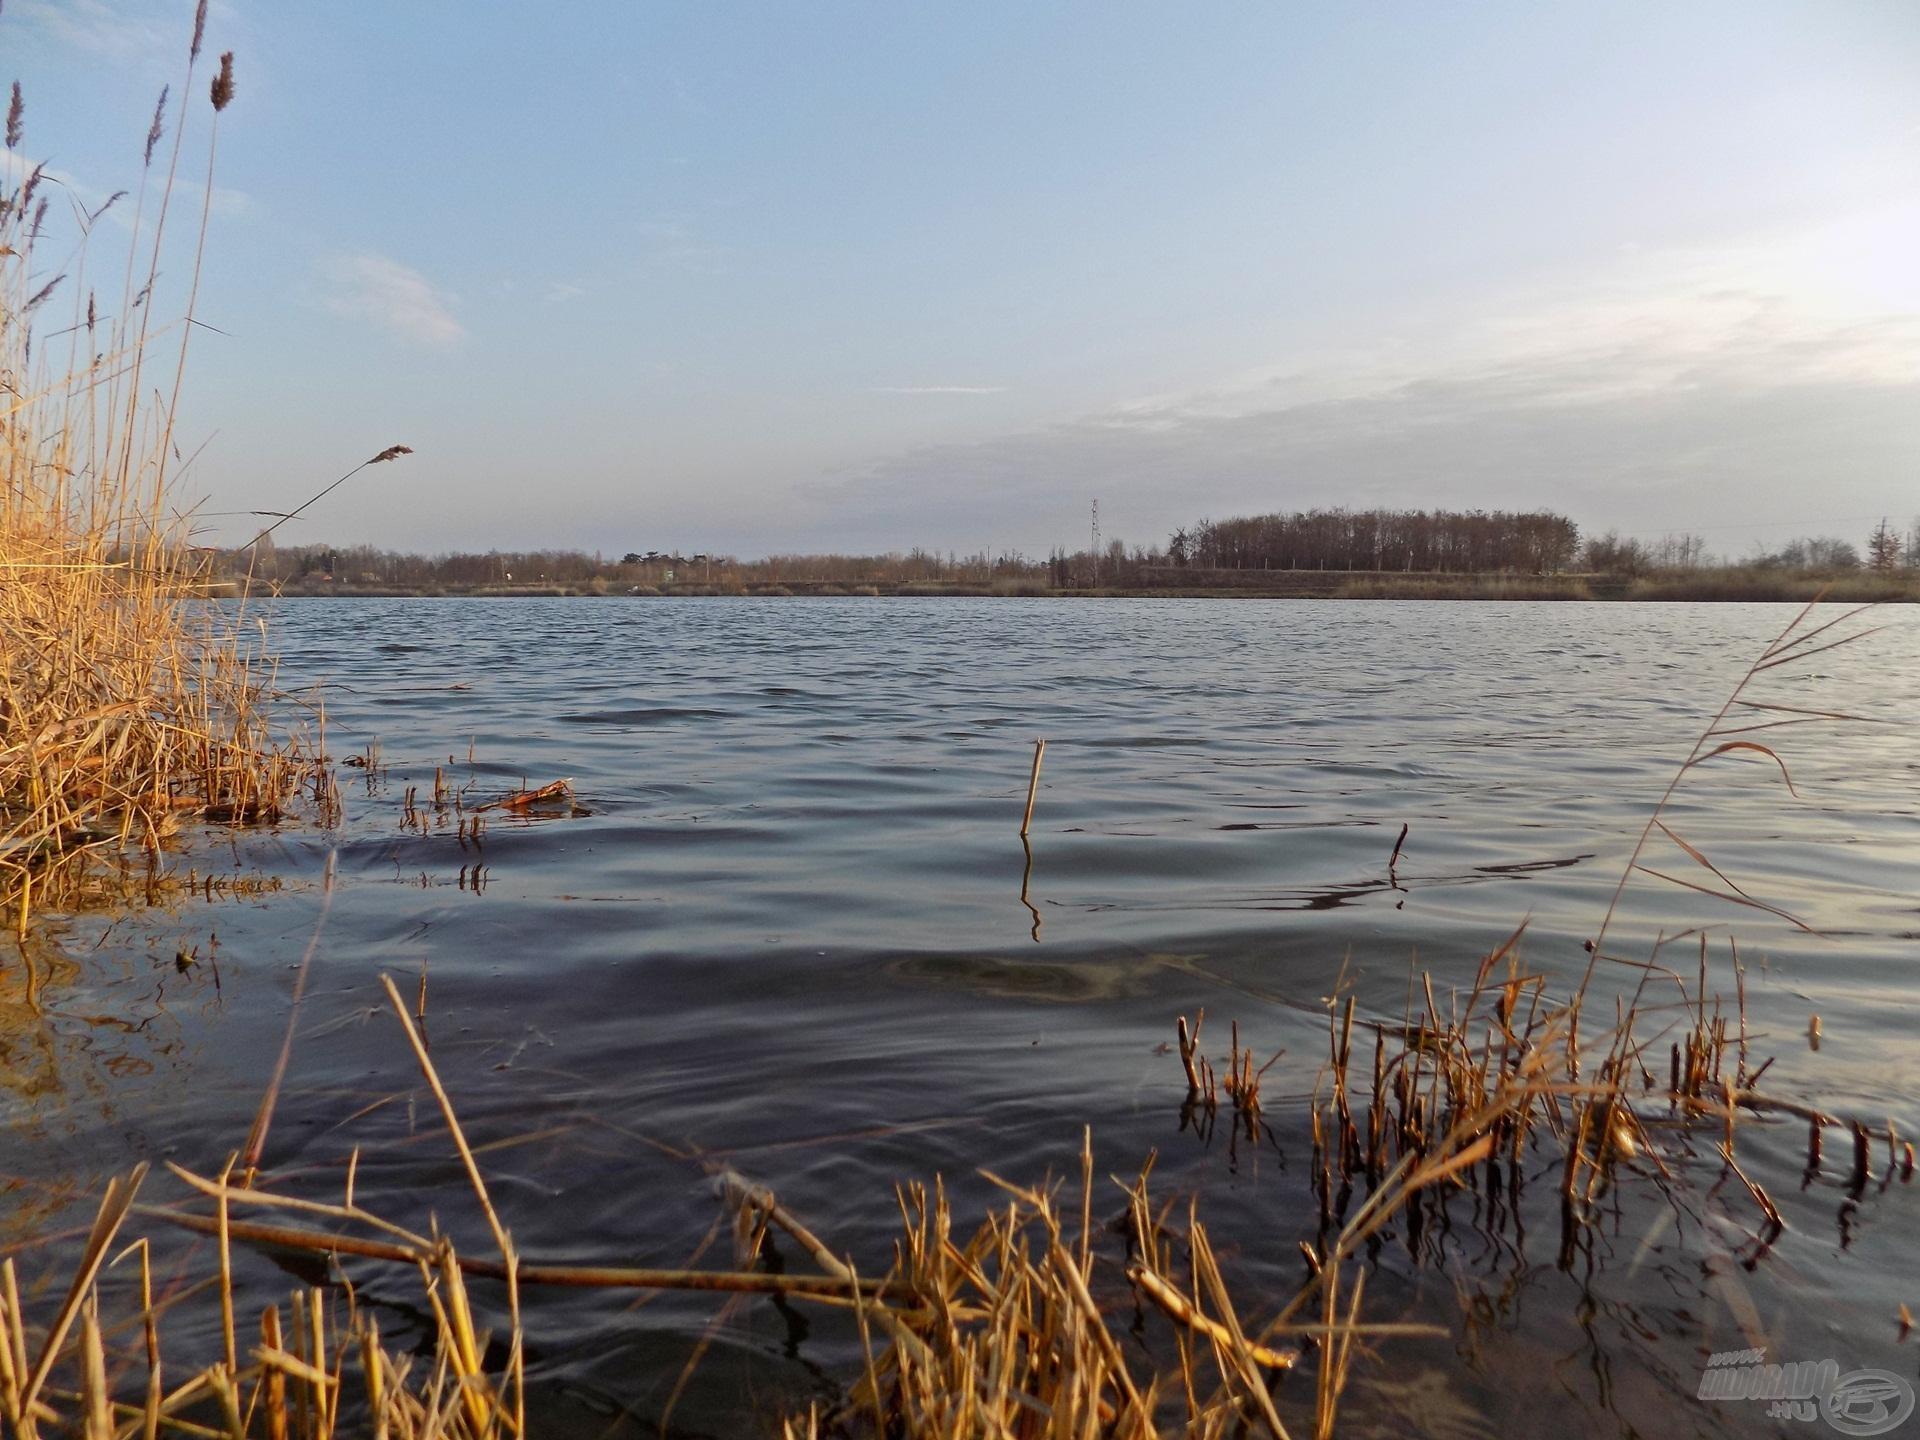 A horgászat napjára igazi, szeszélyes kora tavaszi időjárást jósoltak. Erős szél, csípős hideg, eső! Ilyen hajnali látkép mellett azonban igen nehéz volt elképzelni, hogy a jóslat valósággá válhat